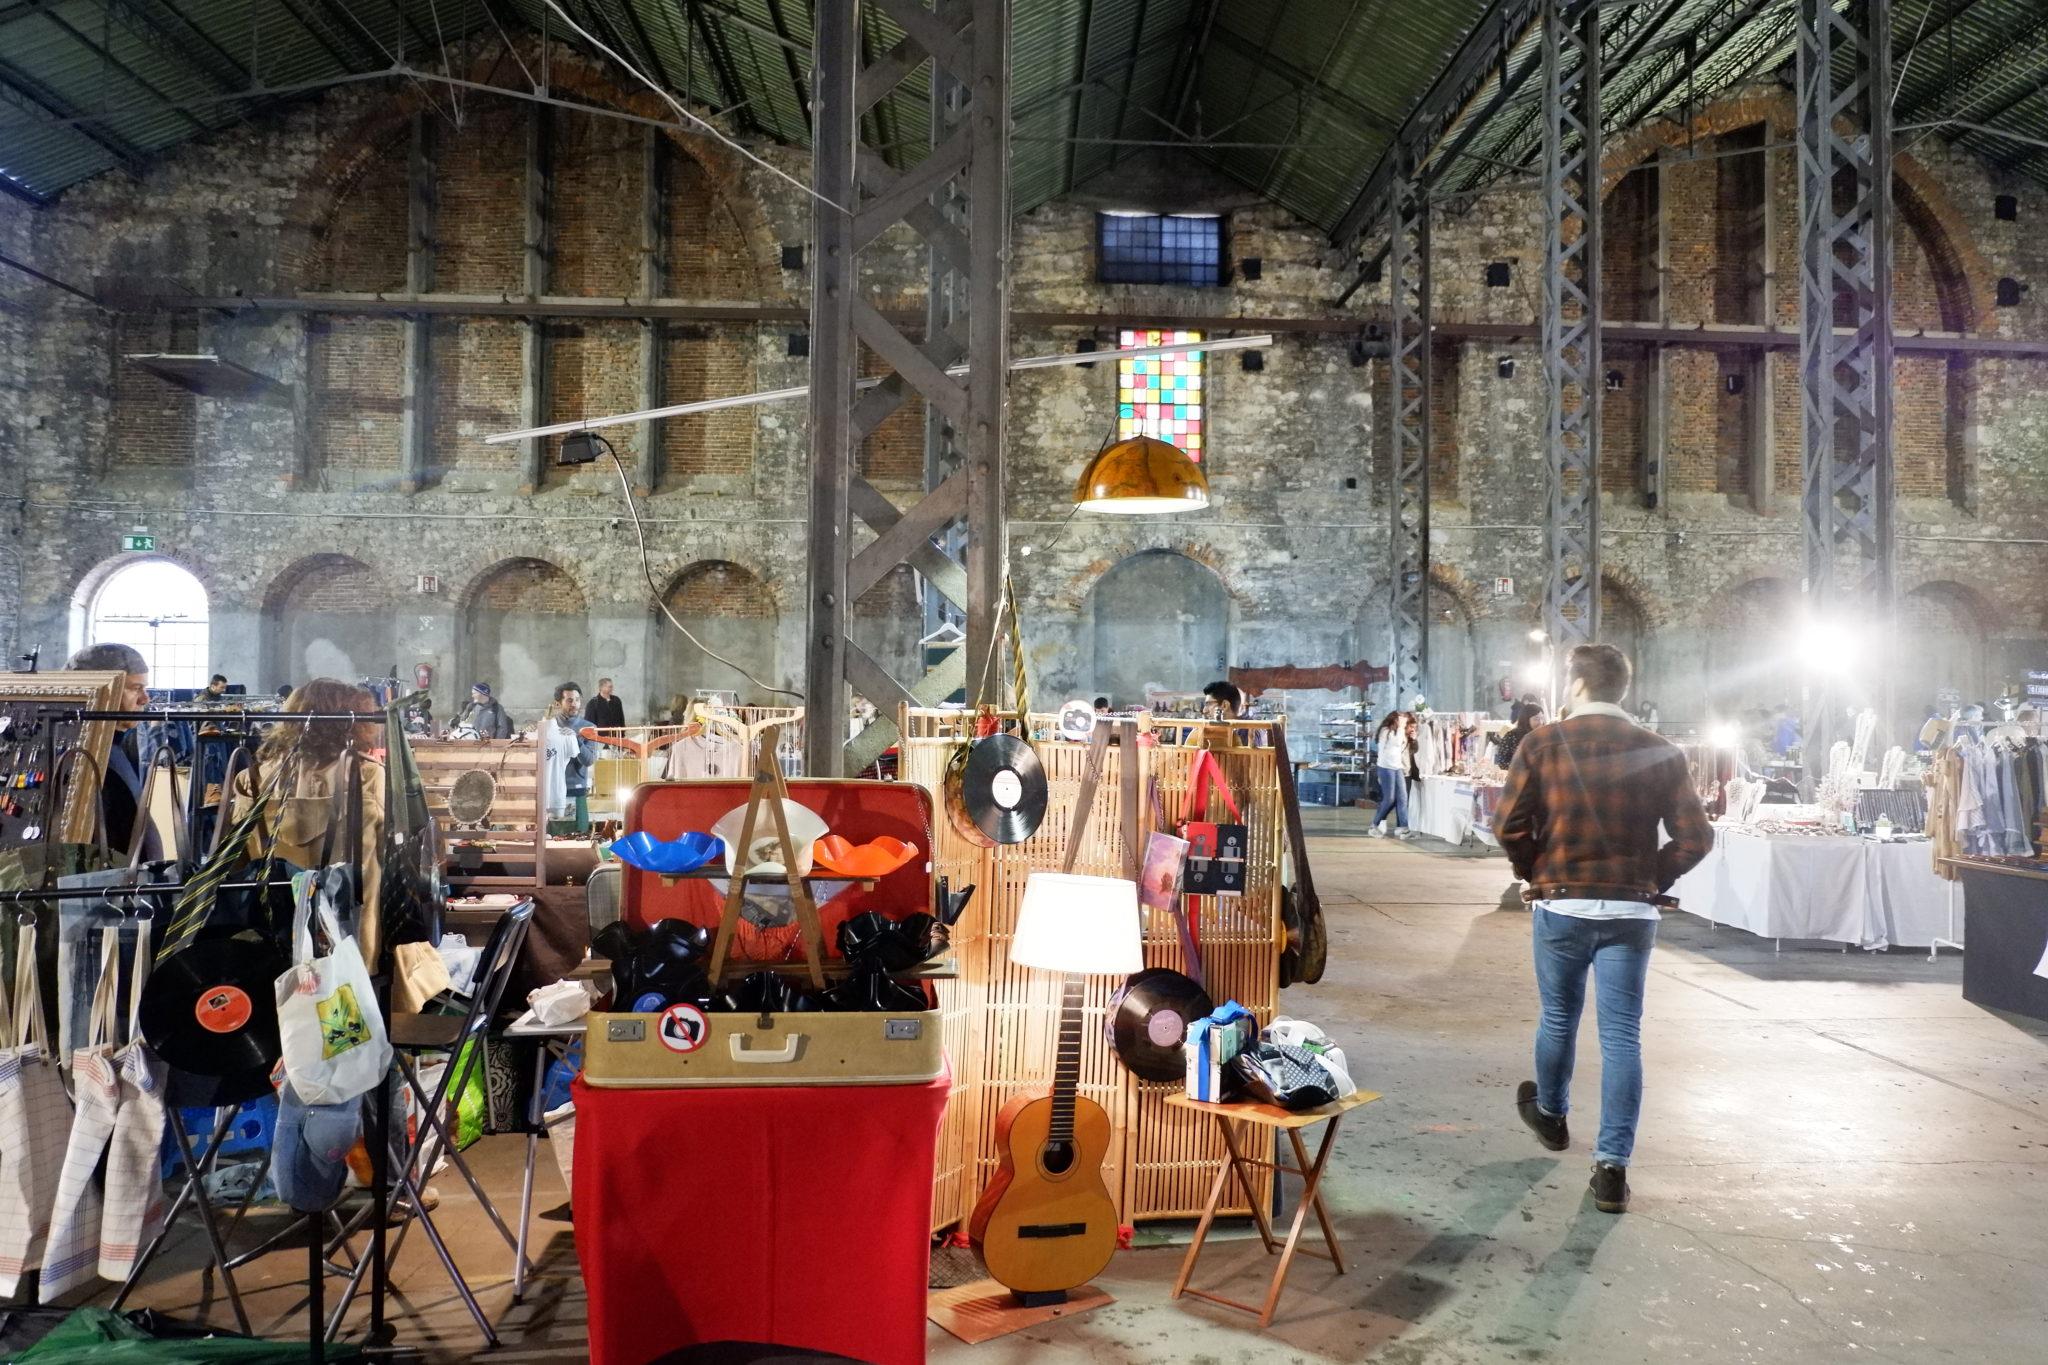 Indoor Market, LX Factor